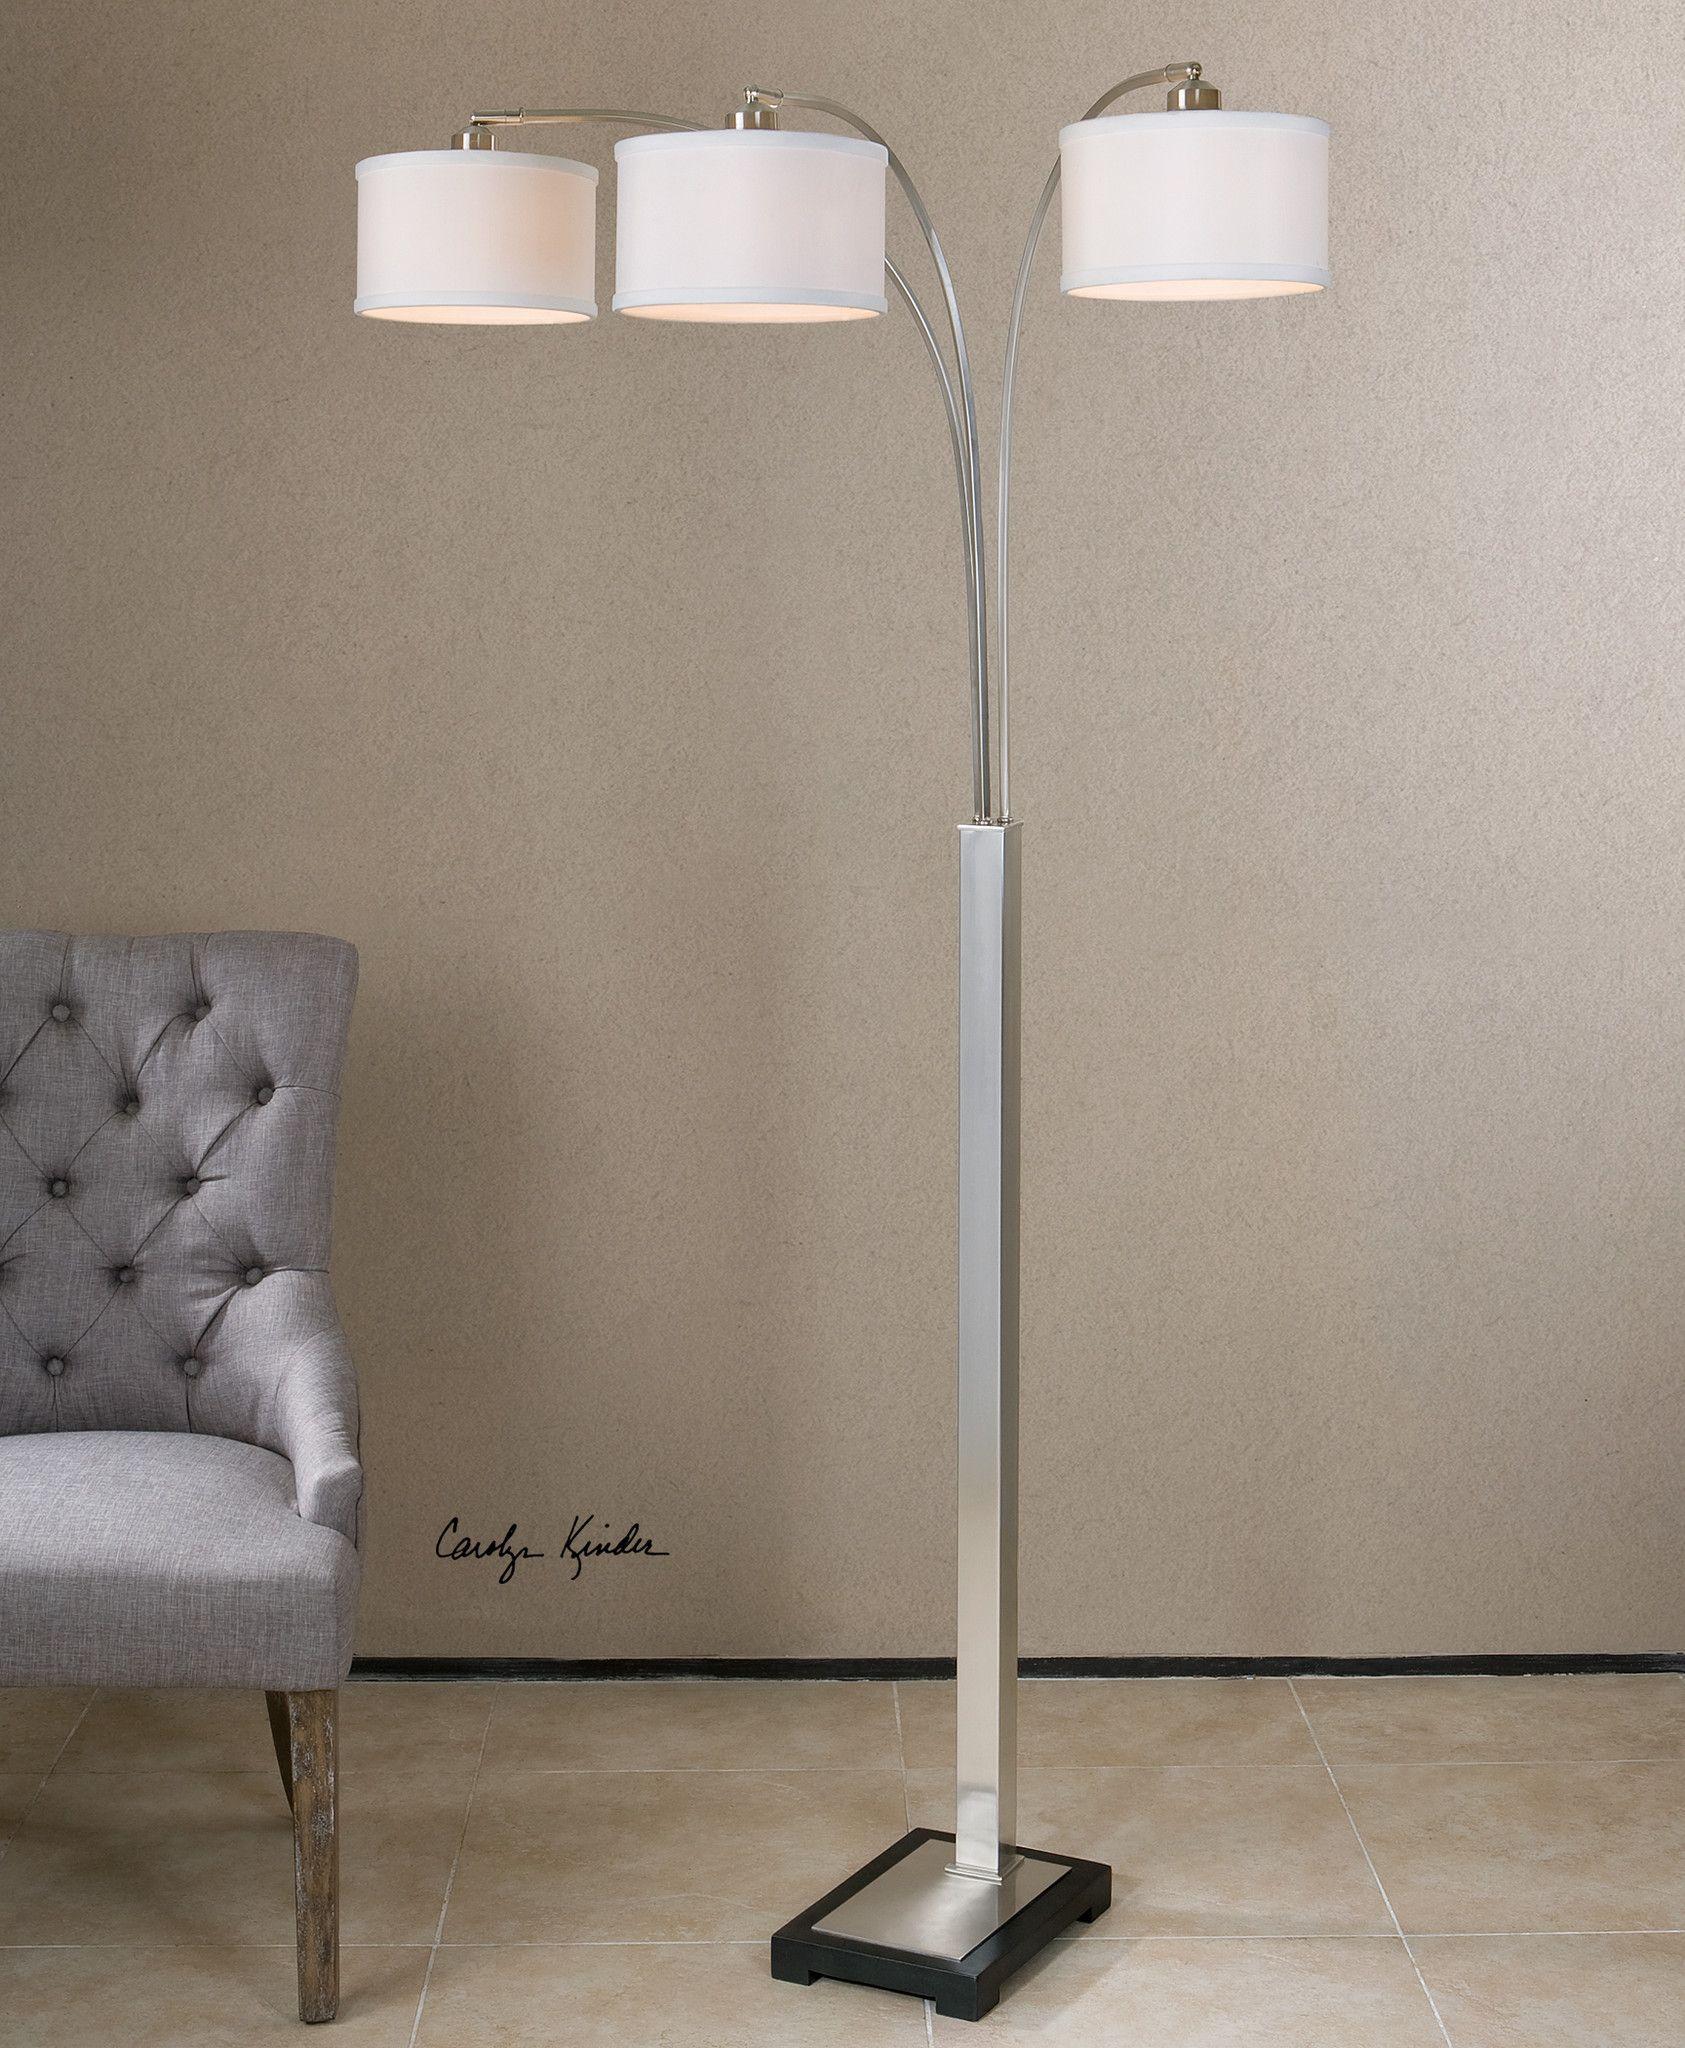 Uttermost Bradenton Nickel 3 Light Floor Lamp Nickel Floor Lamp Brushed Nickel Floor Lamp Floor Lamp